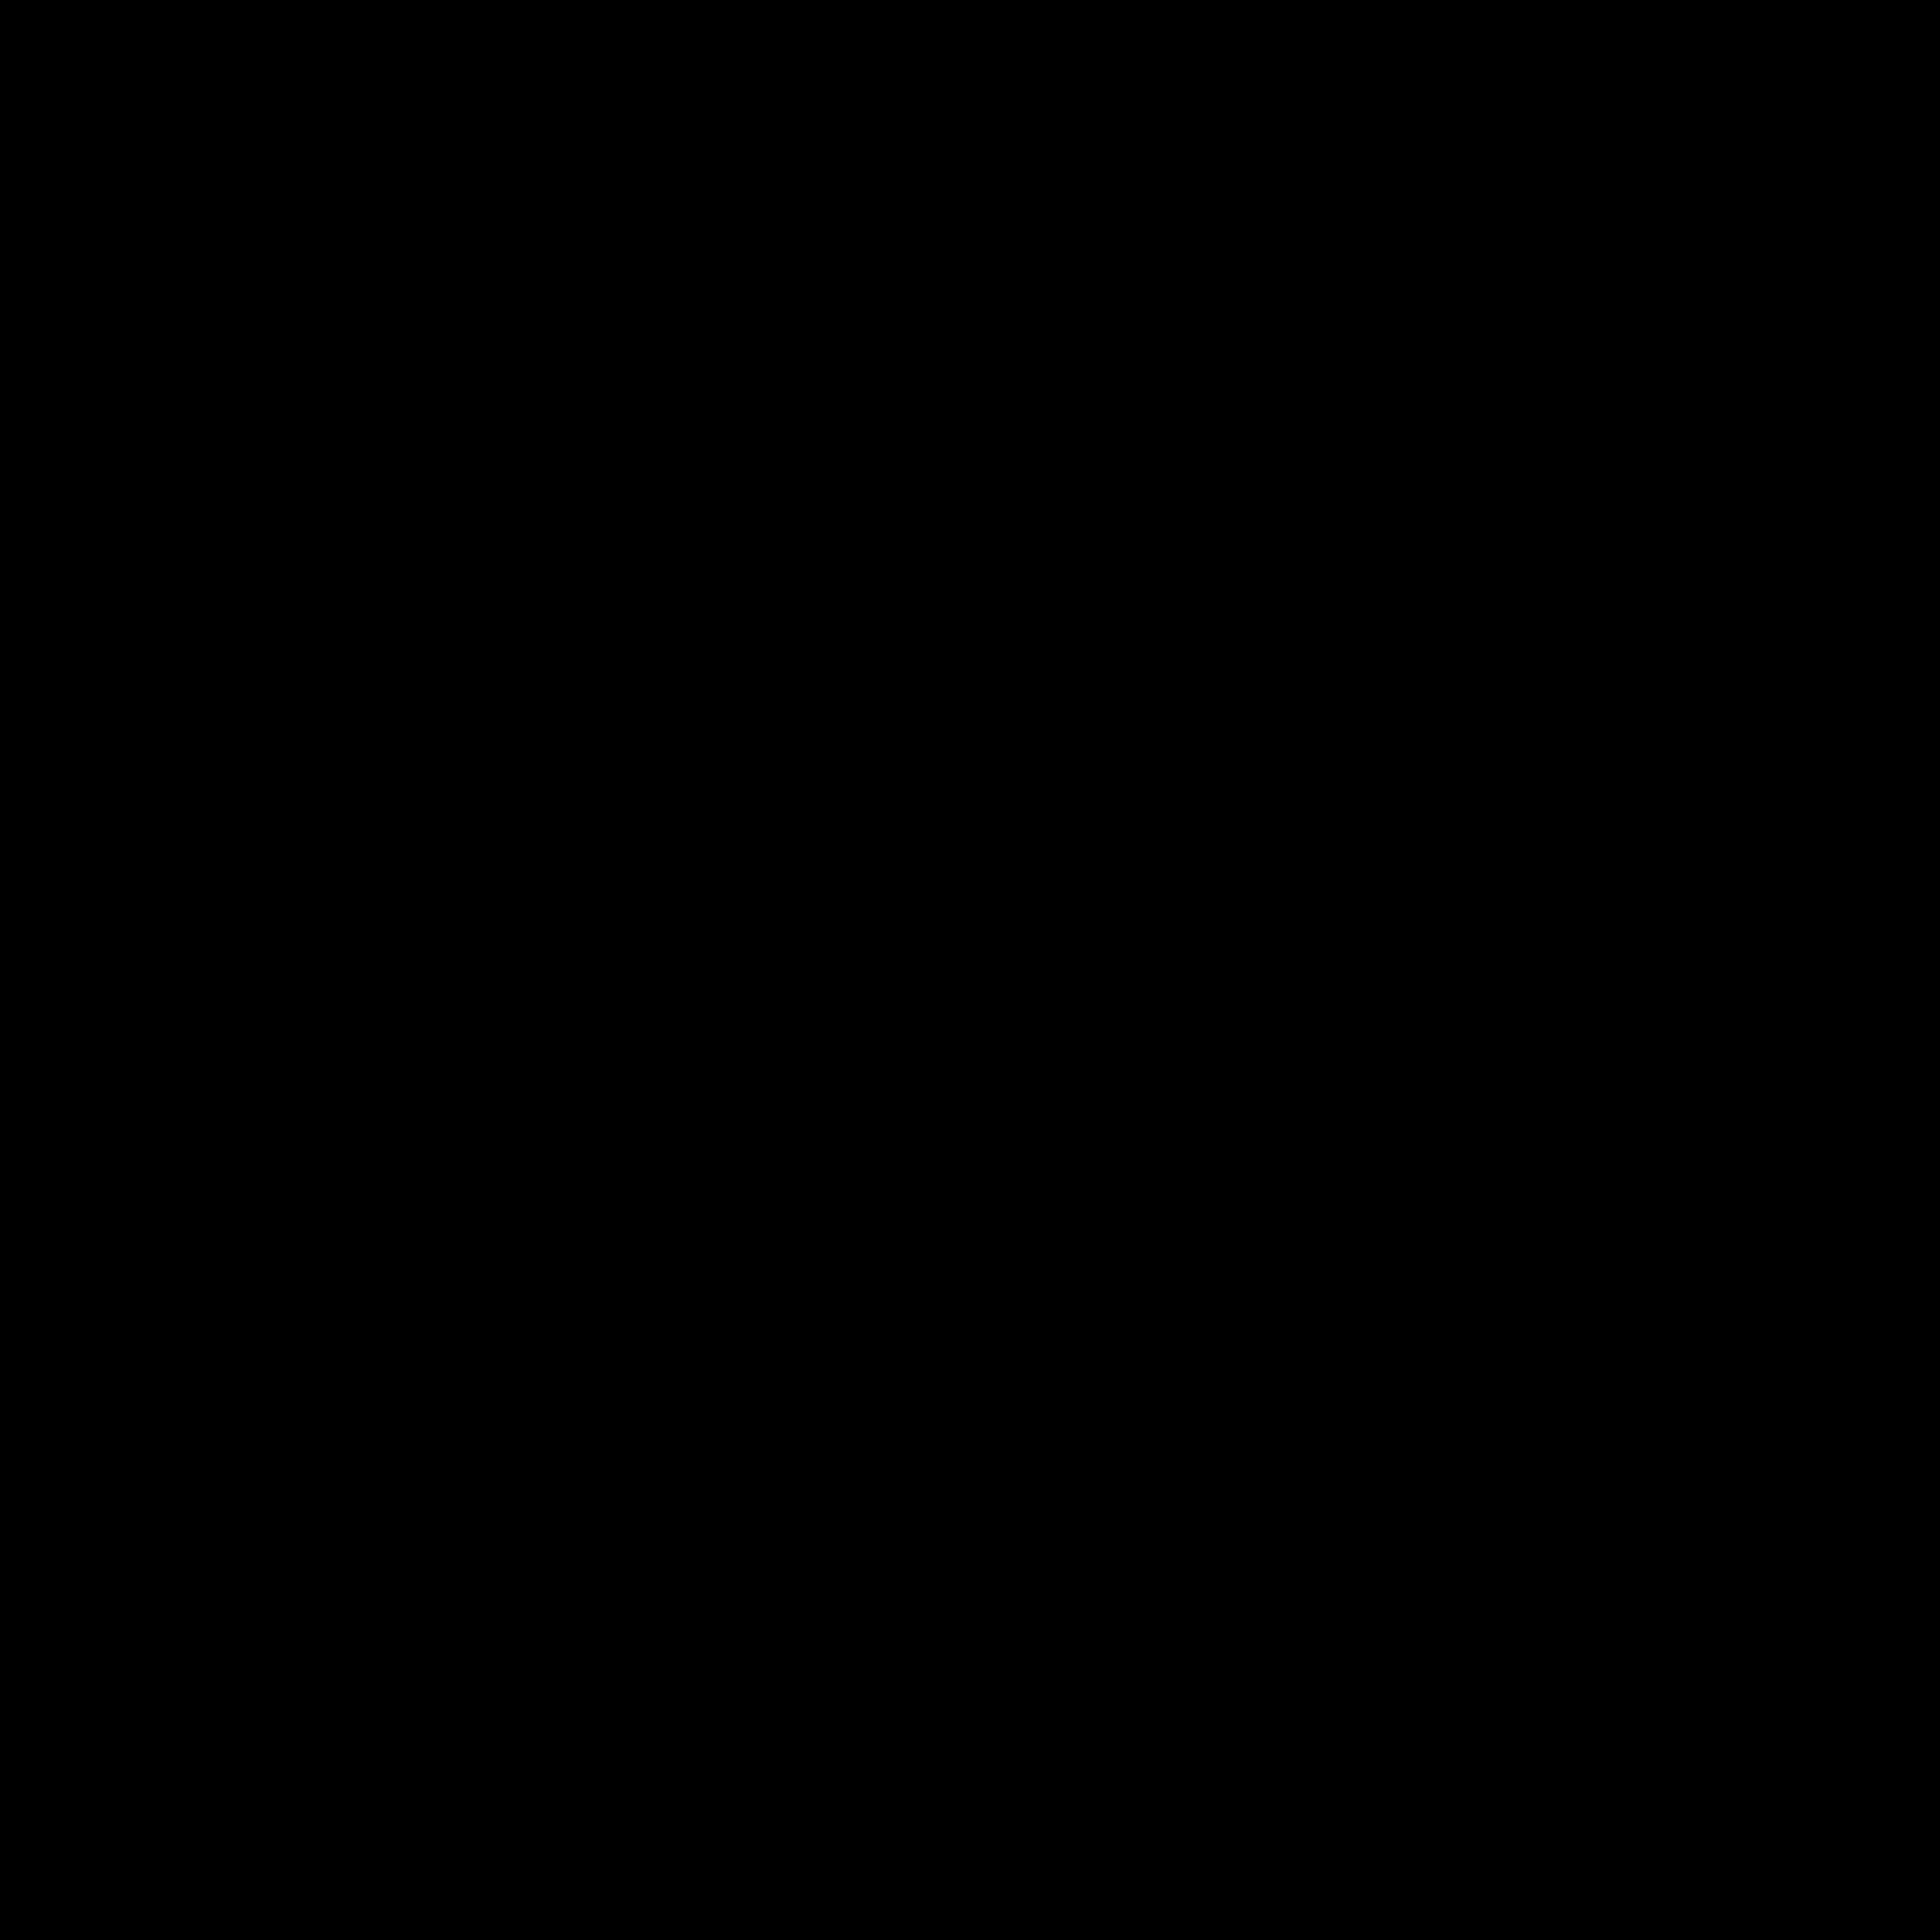 Bild zu Roterring Möbelmanufaktur GmbH in Alstätte Stadt Ahaus